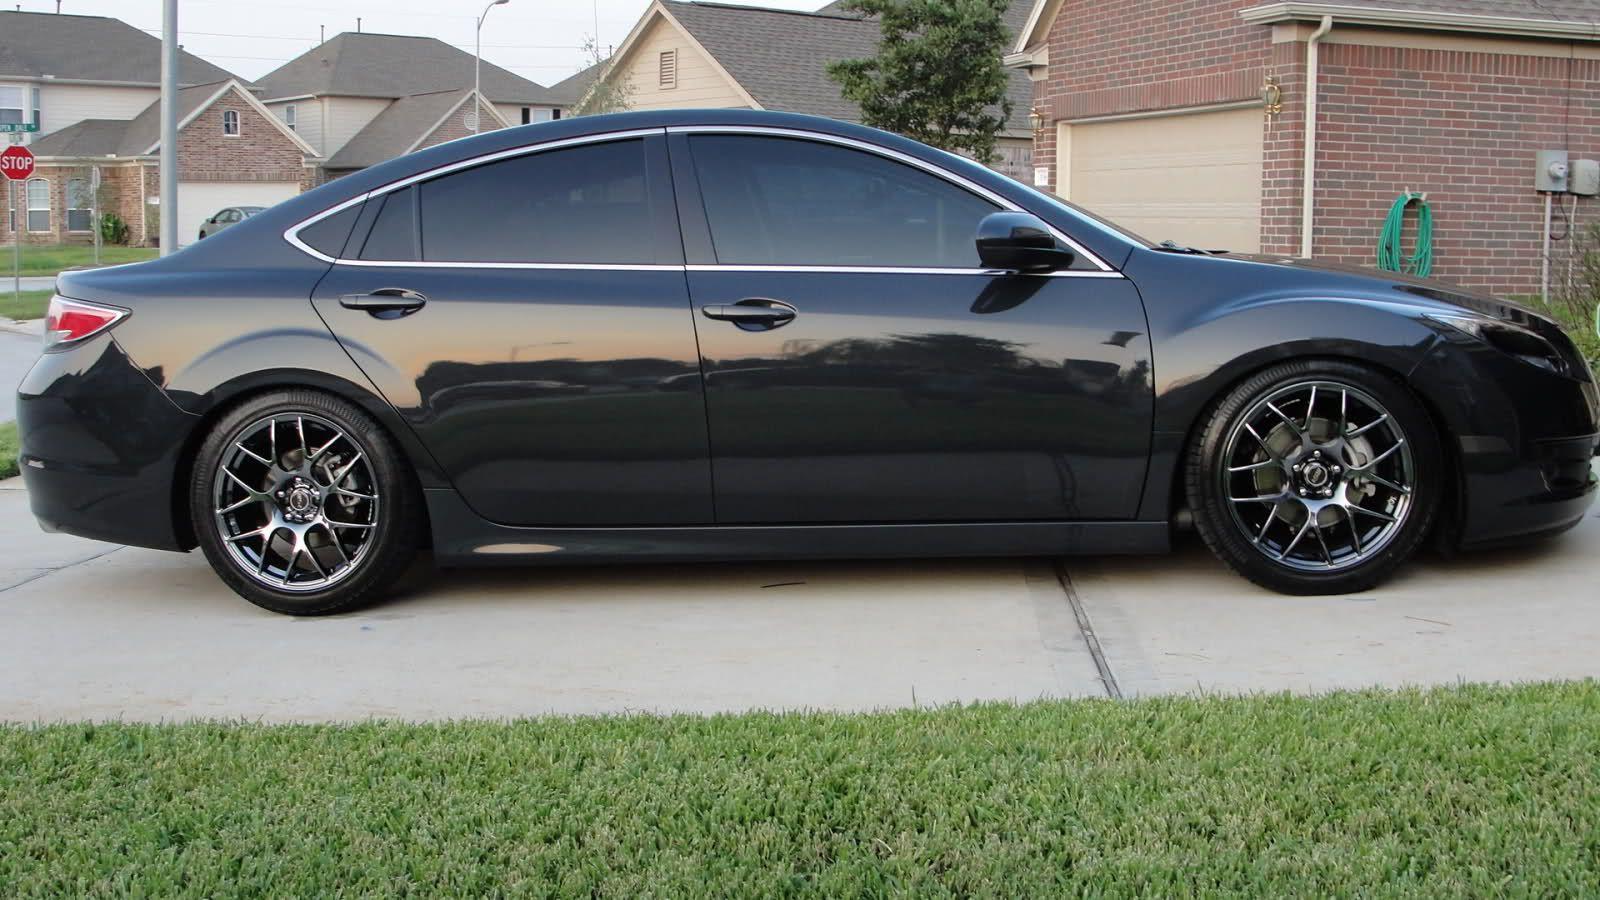 Kelebihan Mazda 6 2012 Murah Berkualitas